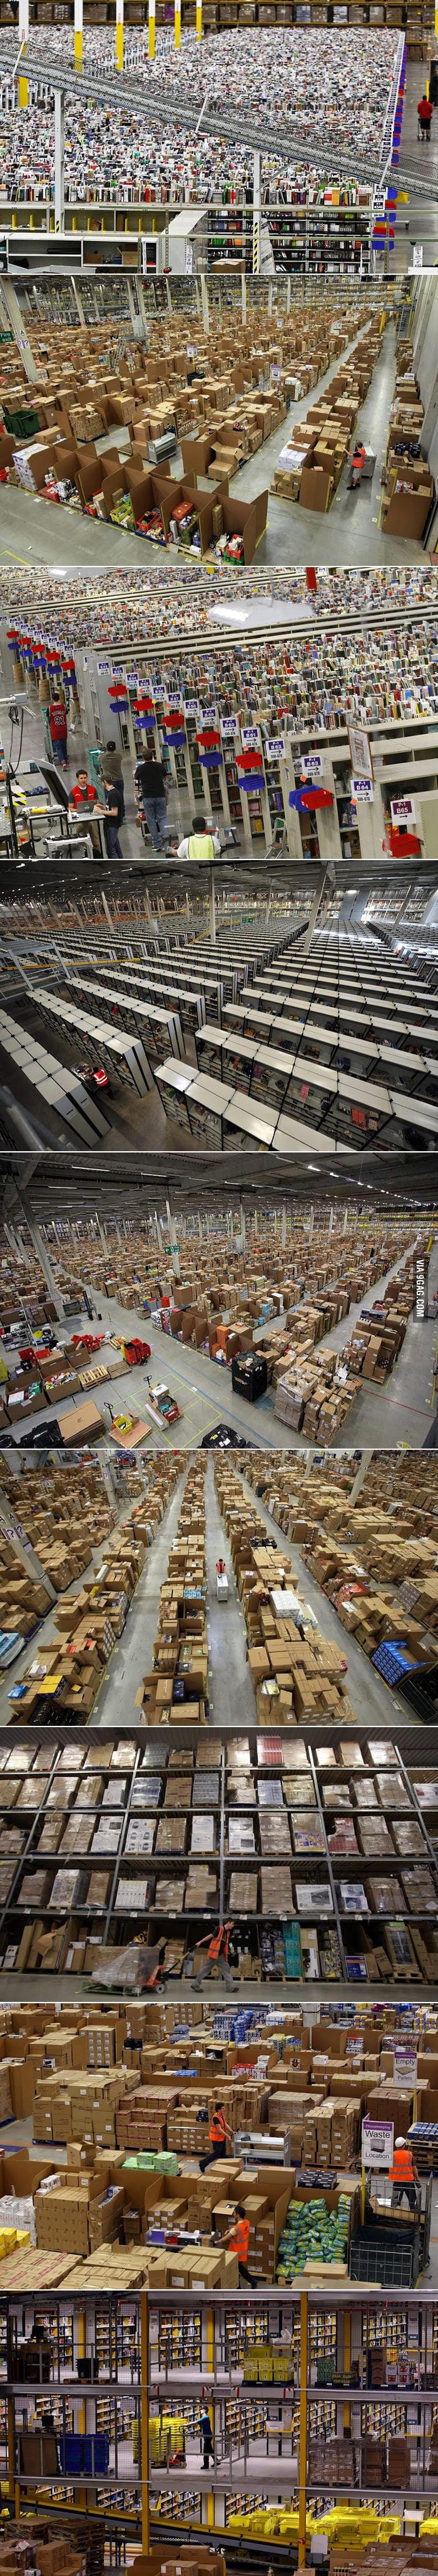 What it looks like inside Amazon.